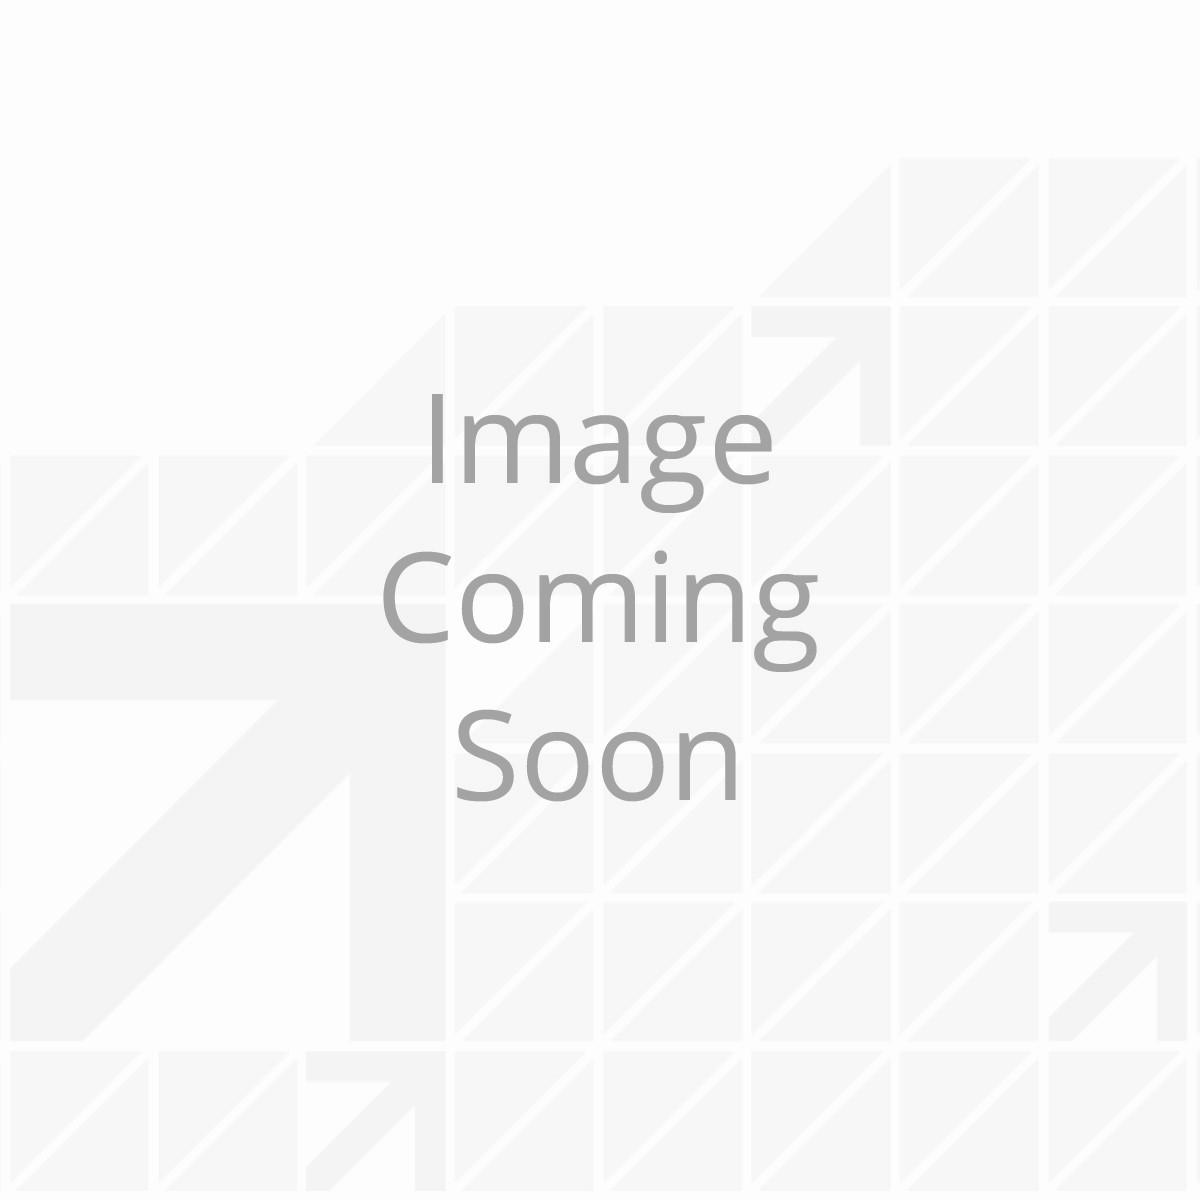 166078_-_header_block_-_001